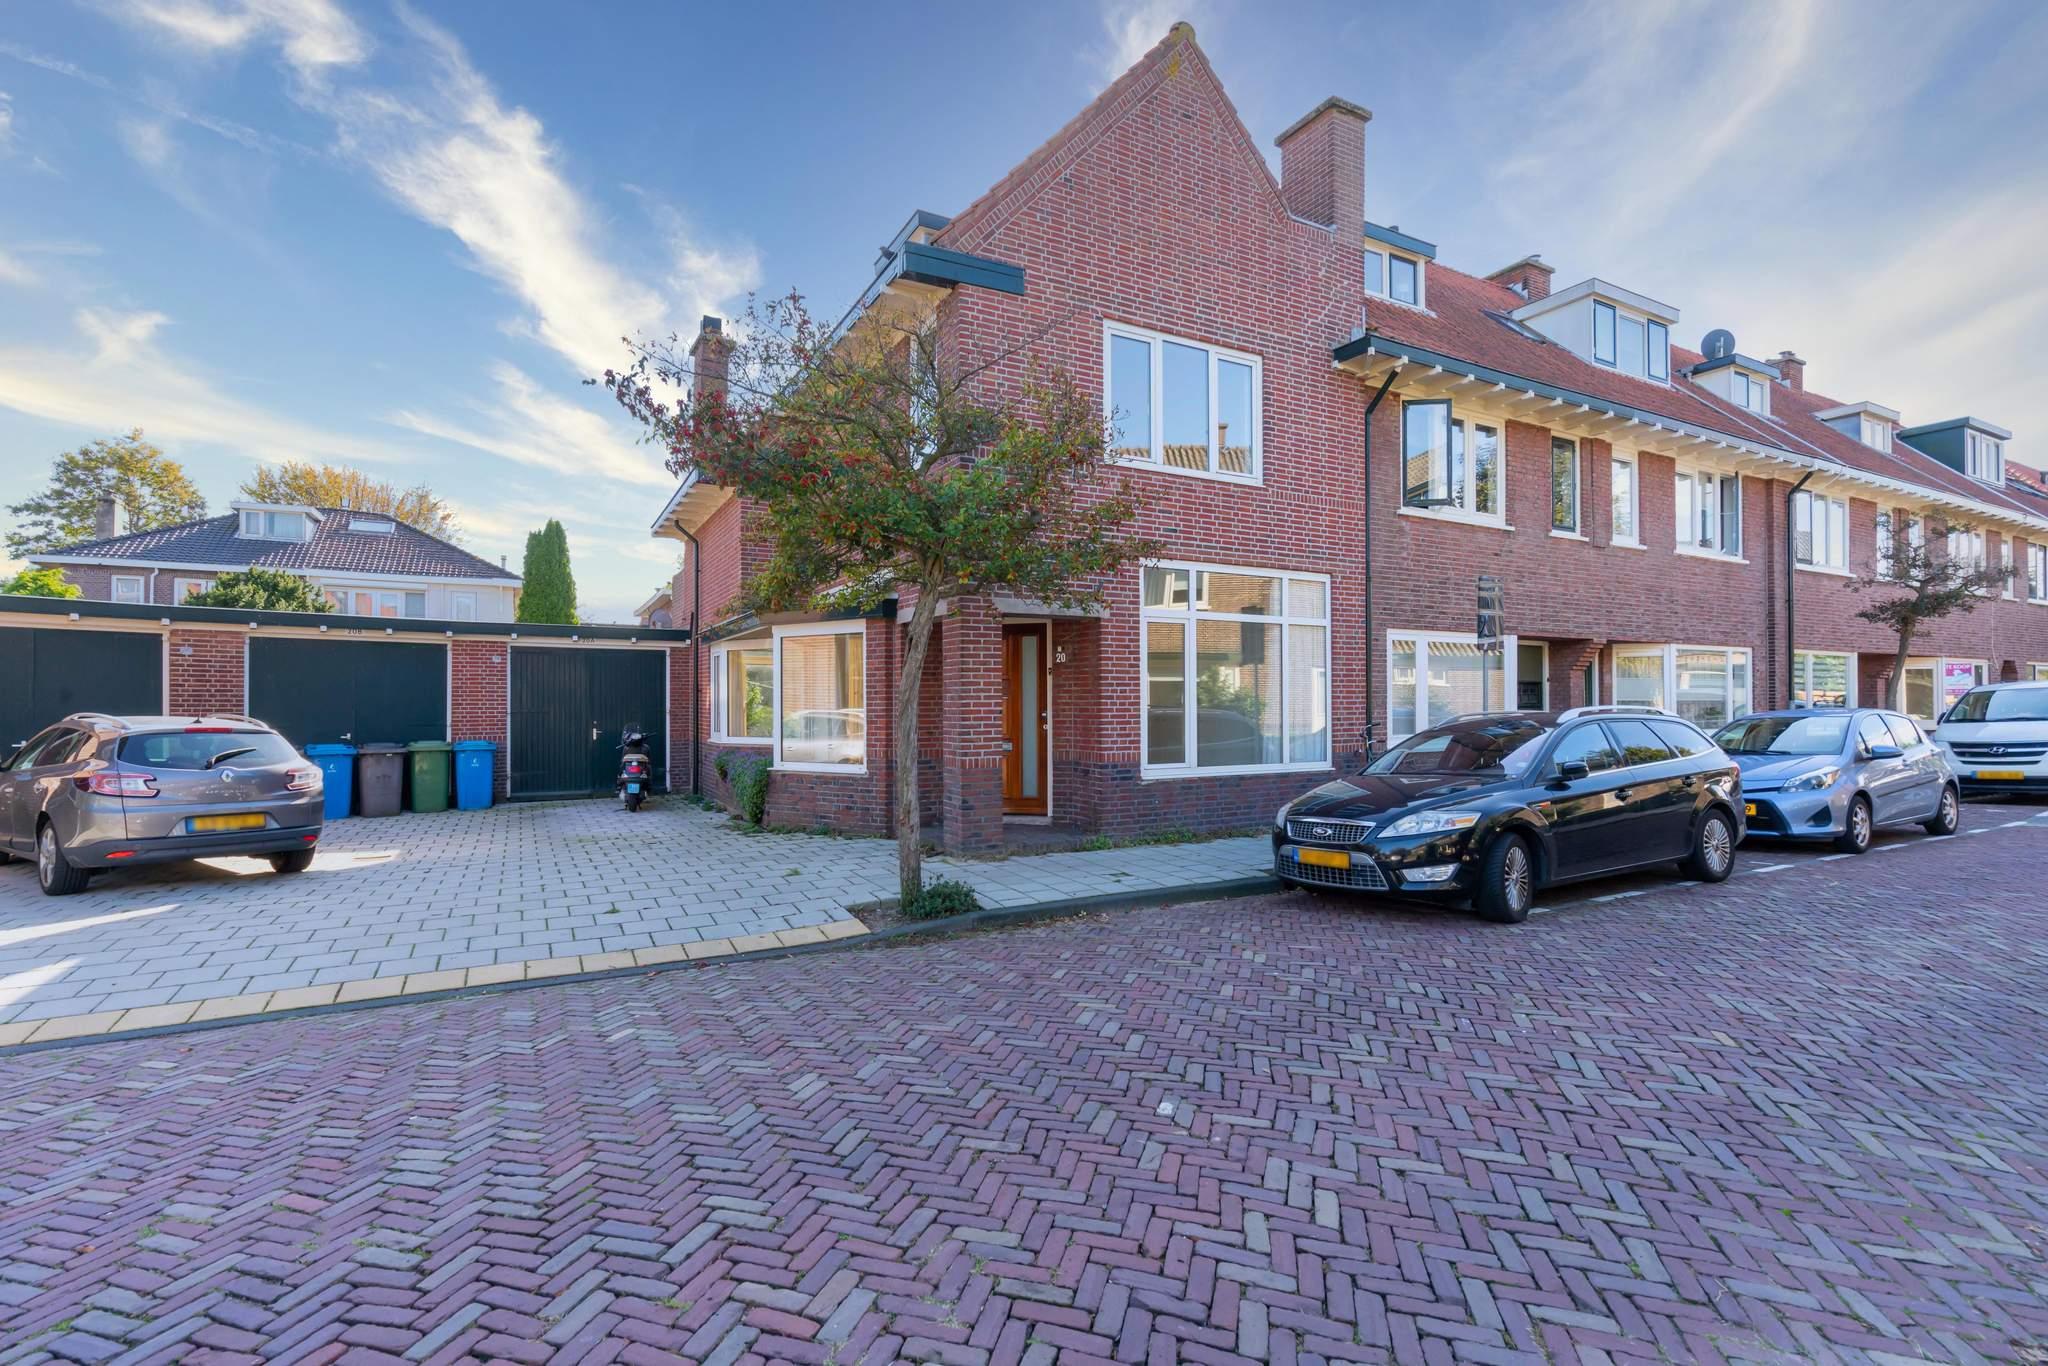 Hyacinthstraat 20 te Wassenaar